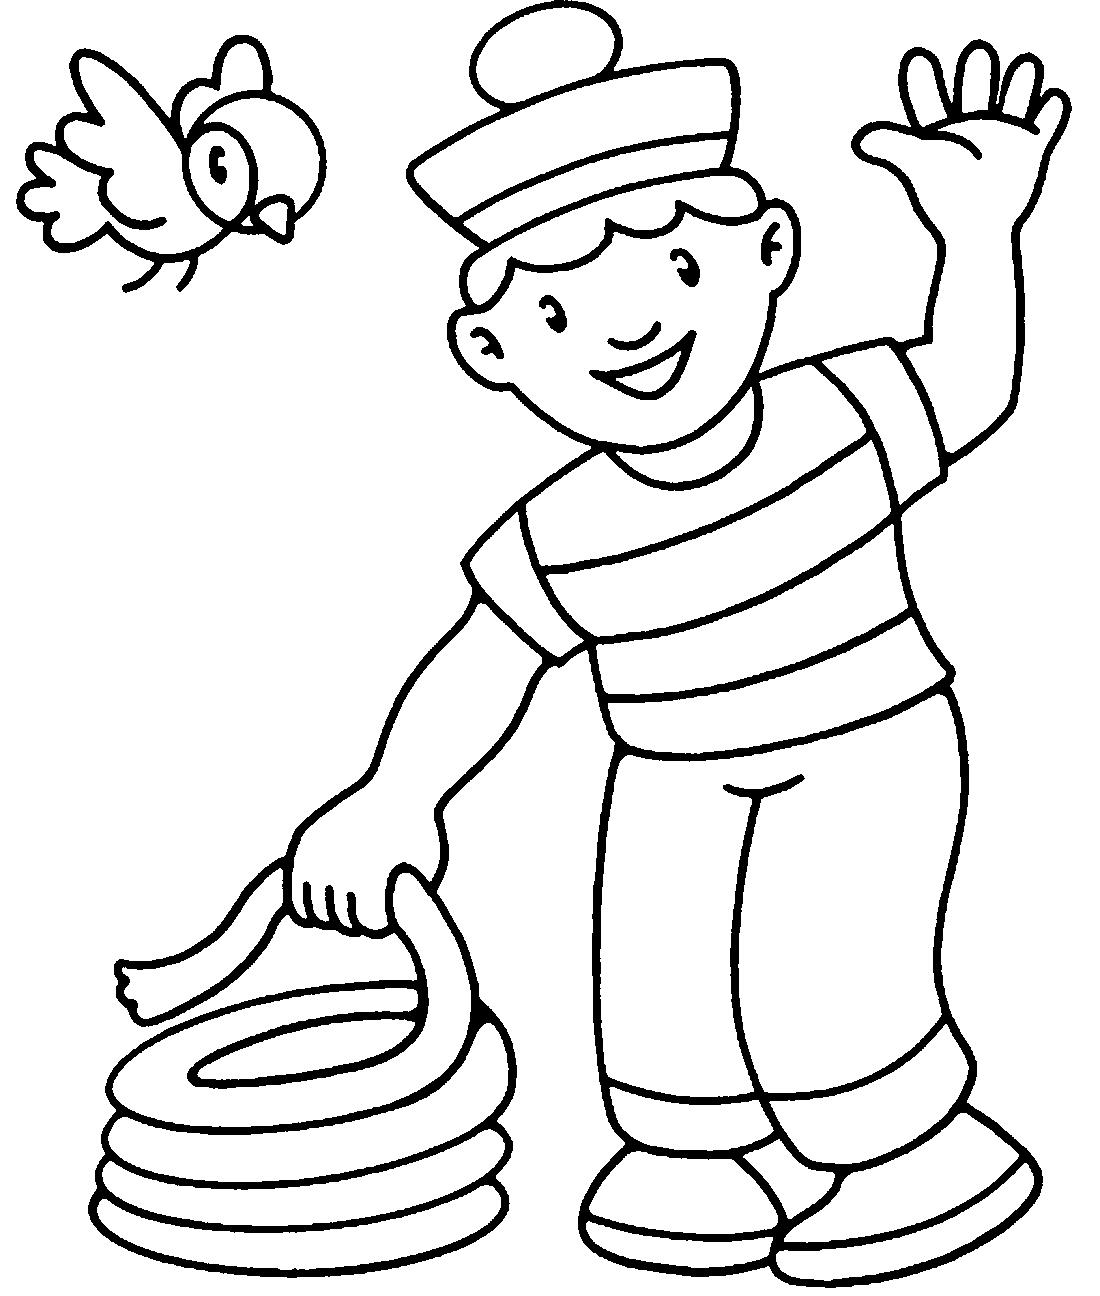 Картинки моряков для детей раскраски